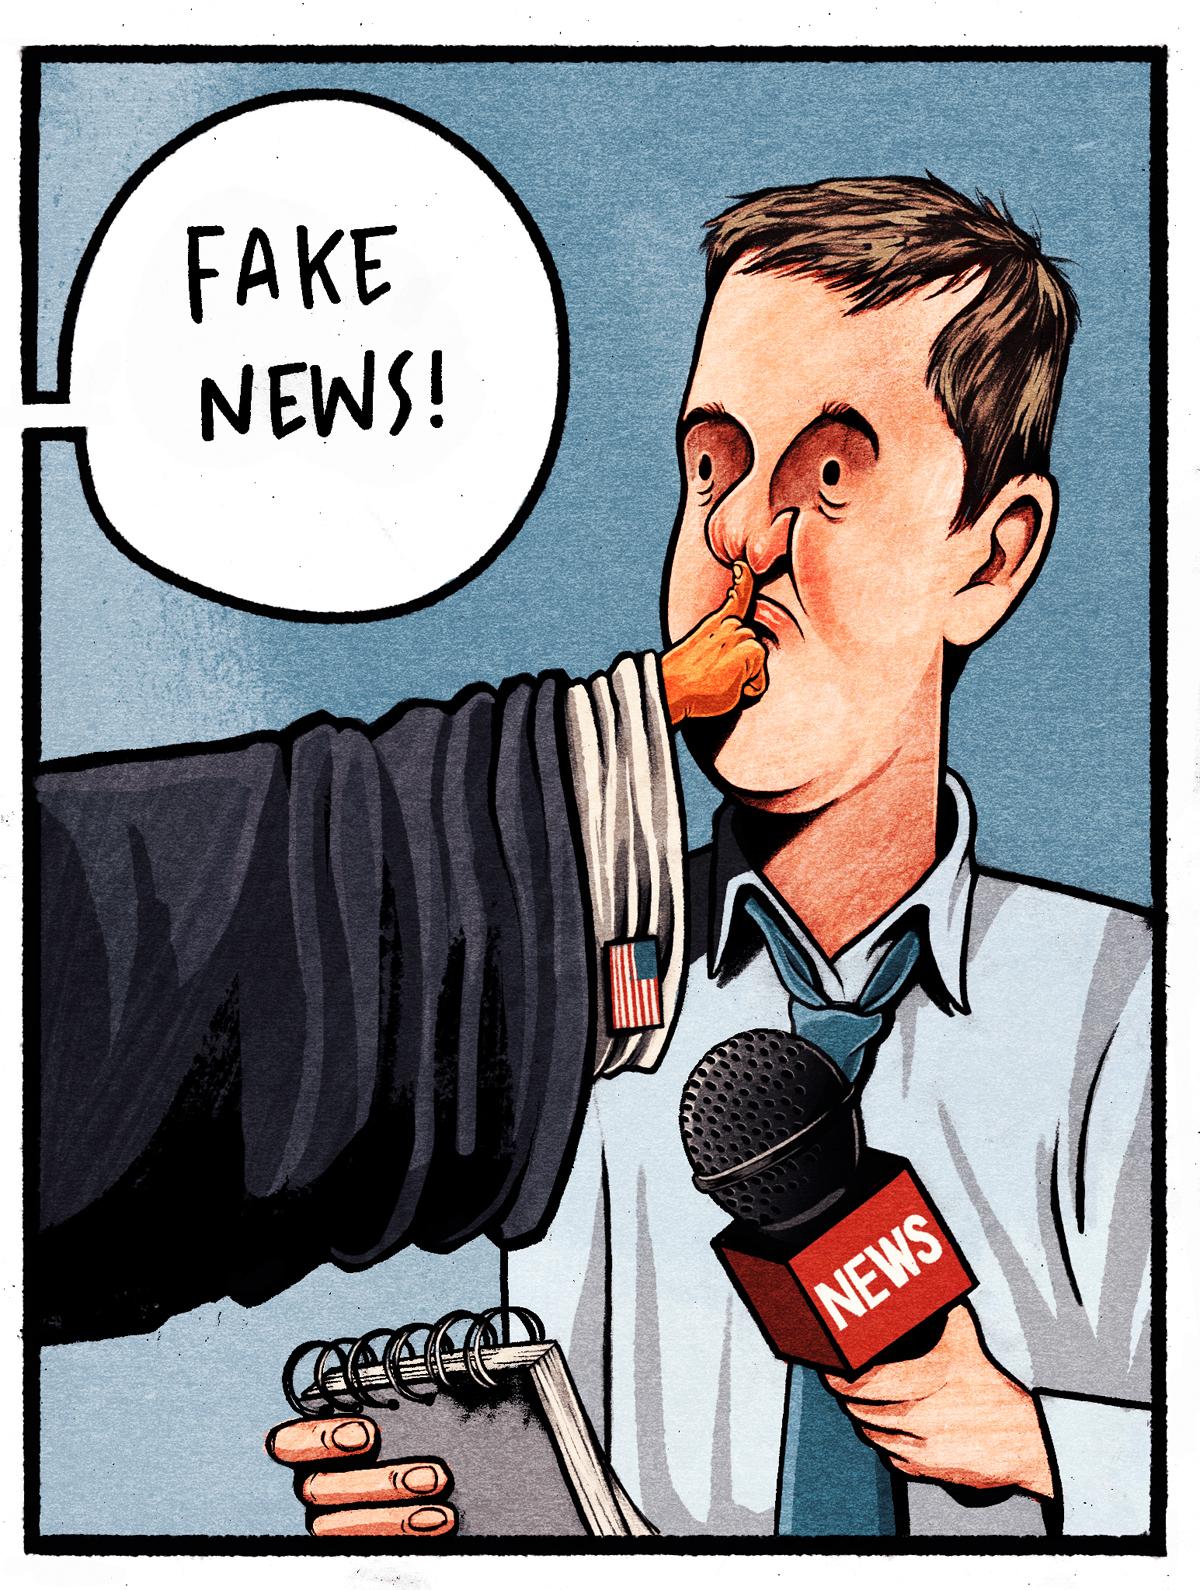 NUJ_FakeNews.jpg